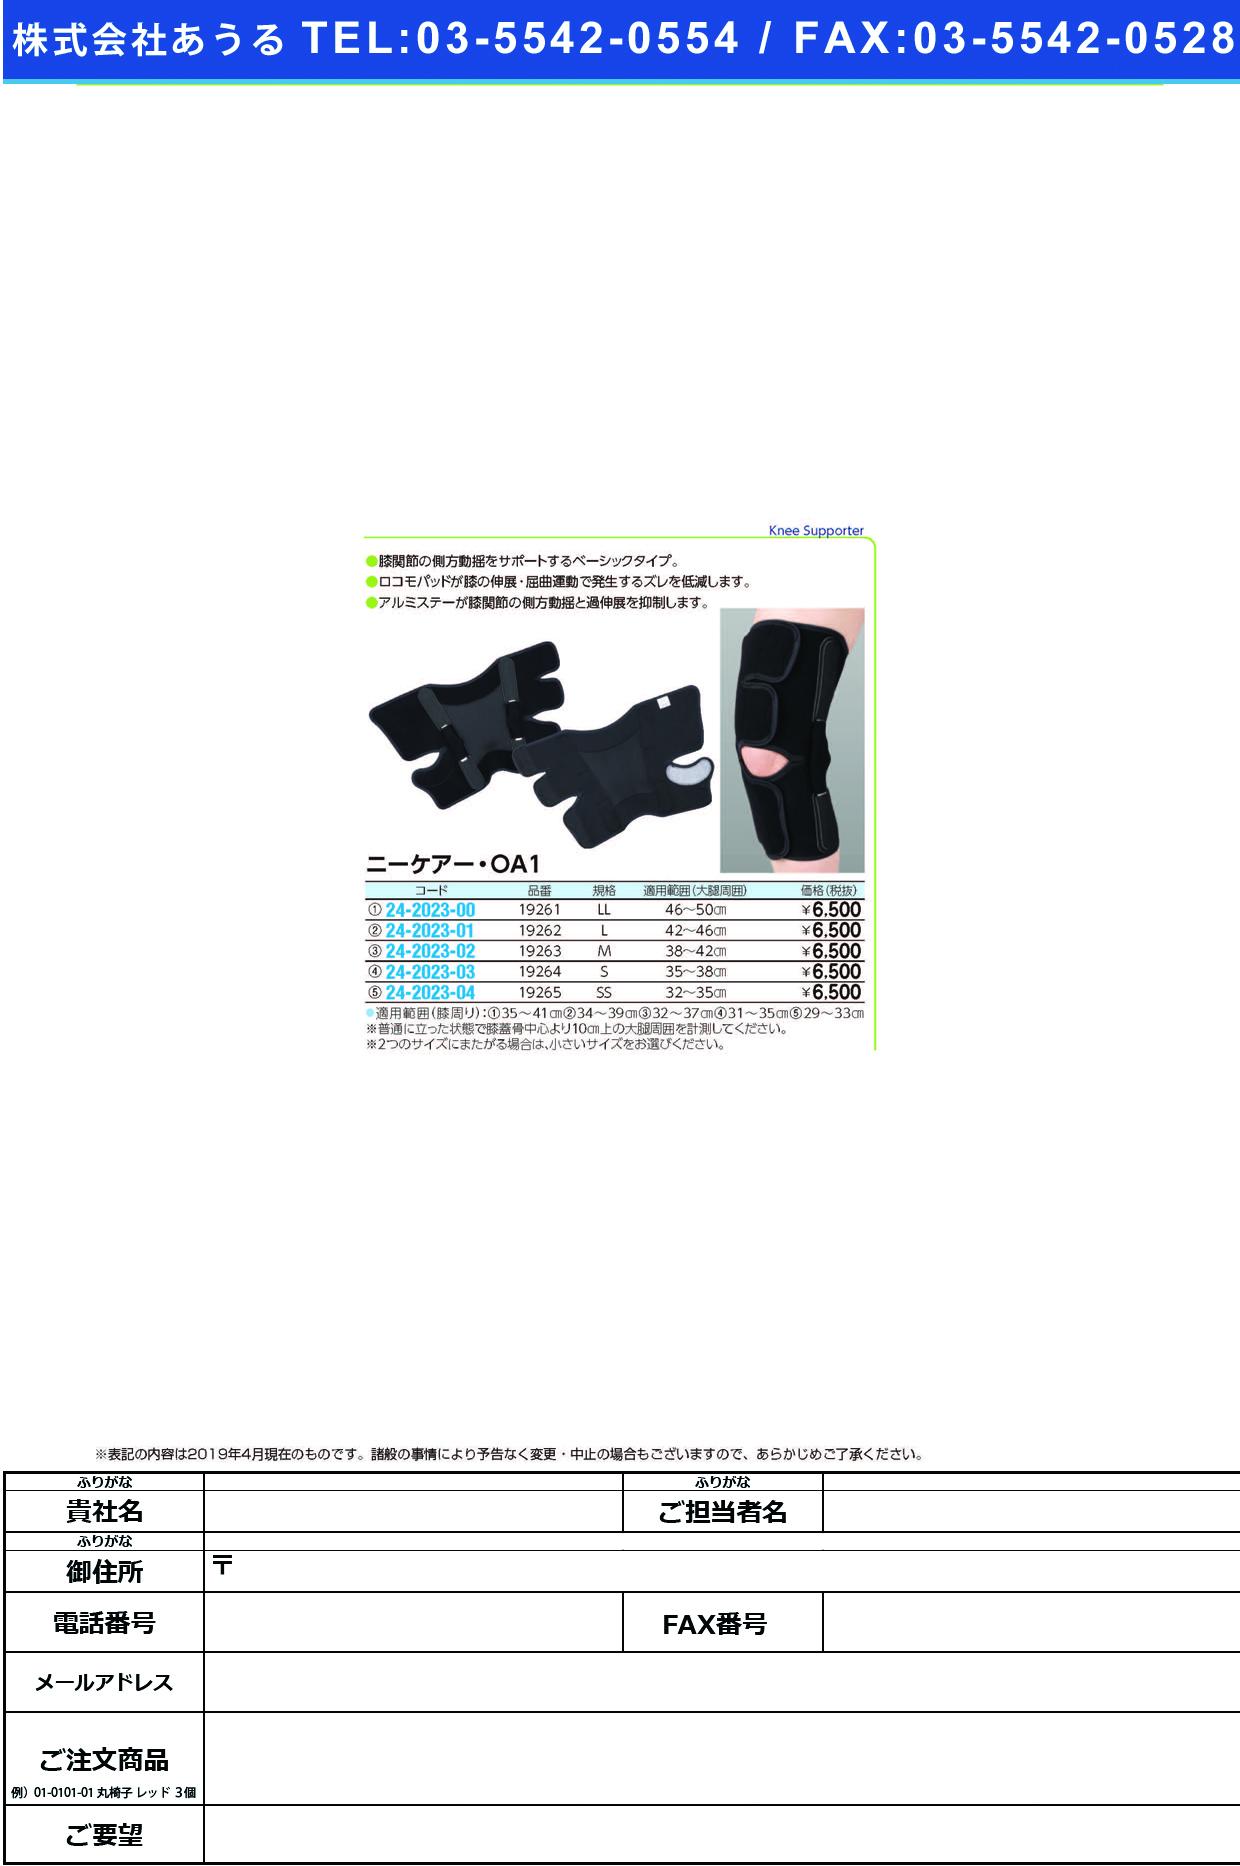 (24-2023-01)ニーケアー・OA1 19262(L) ニーケアー・OA1(アルケア)【1個単位】【2019年カタログ商品】